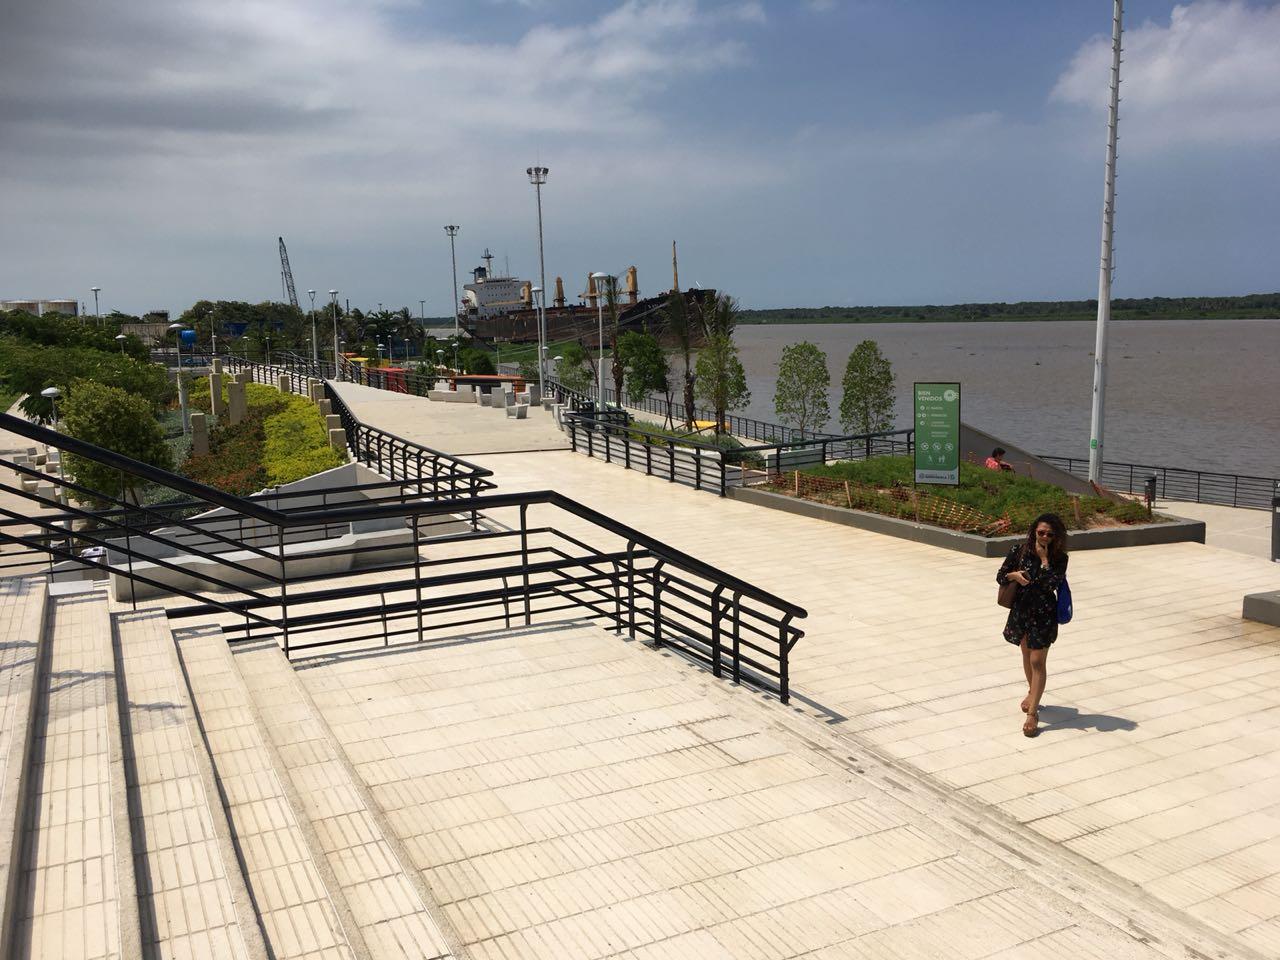 La nueva cara de la ciudad de Barranquilla